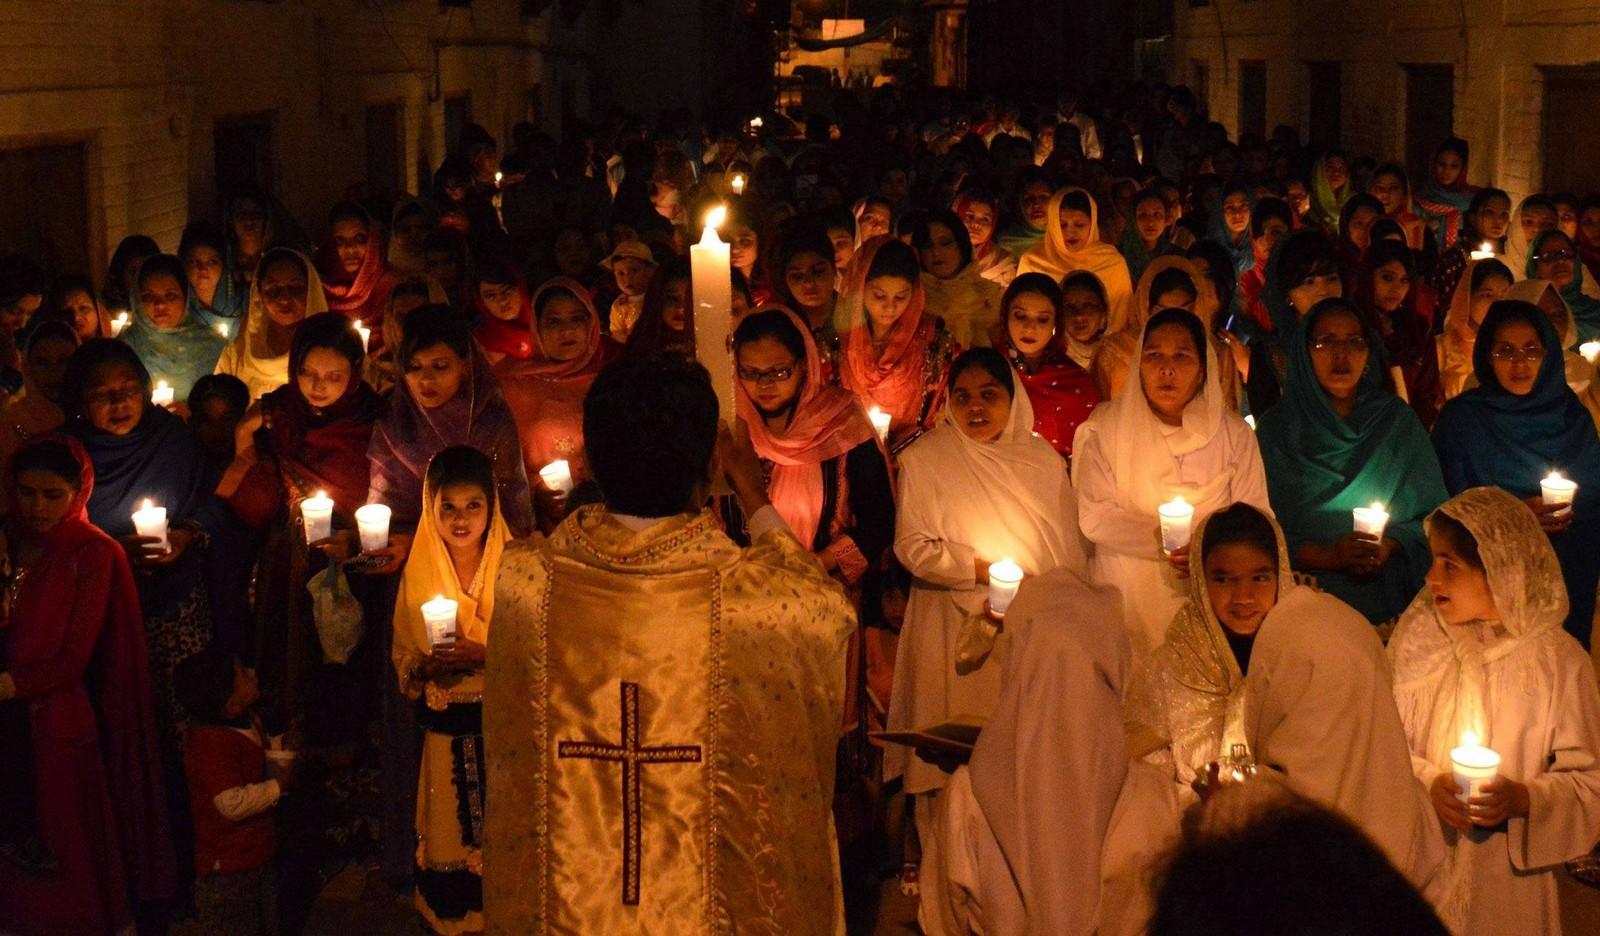 ¿Por Qué los Cristianos están Desapareciendo de Medio Oriente? [¿quién está Realmente atrás de esto?]